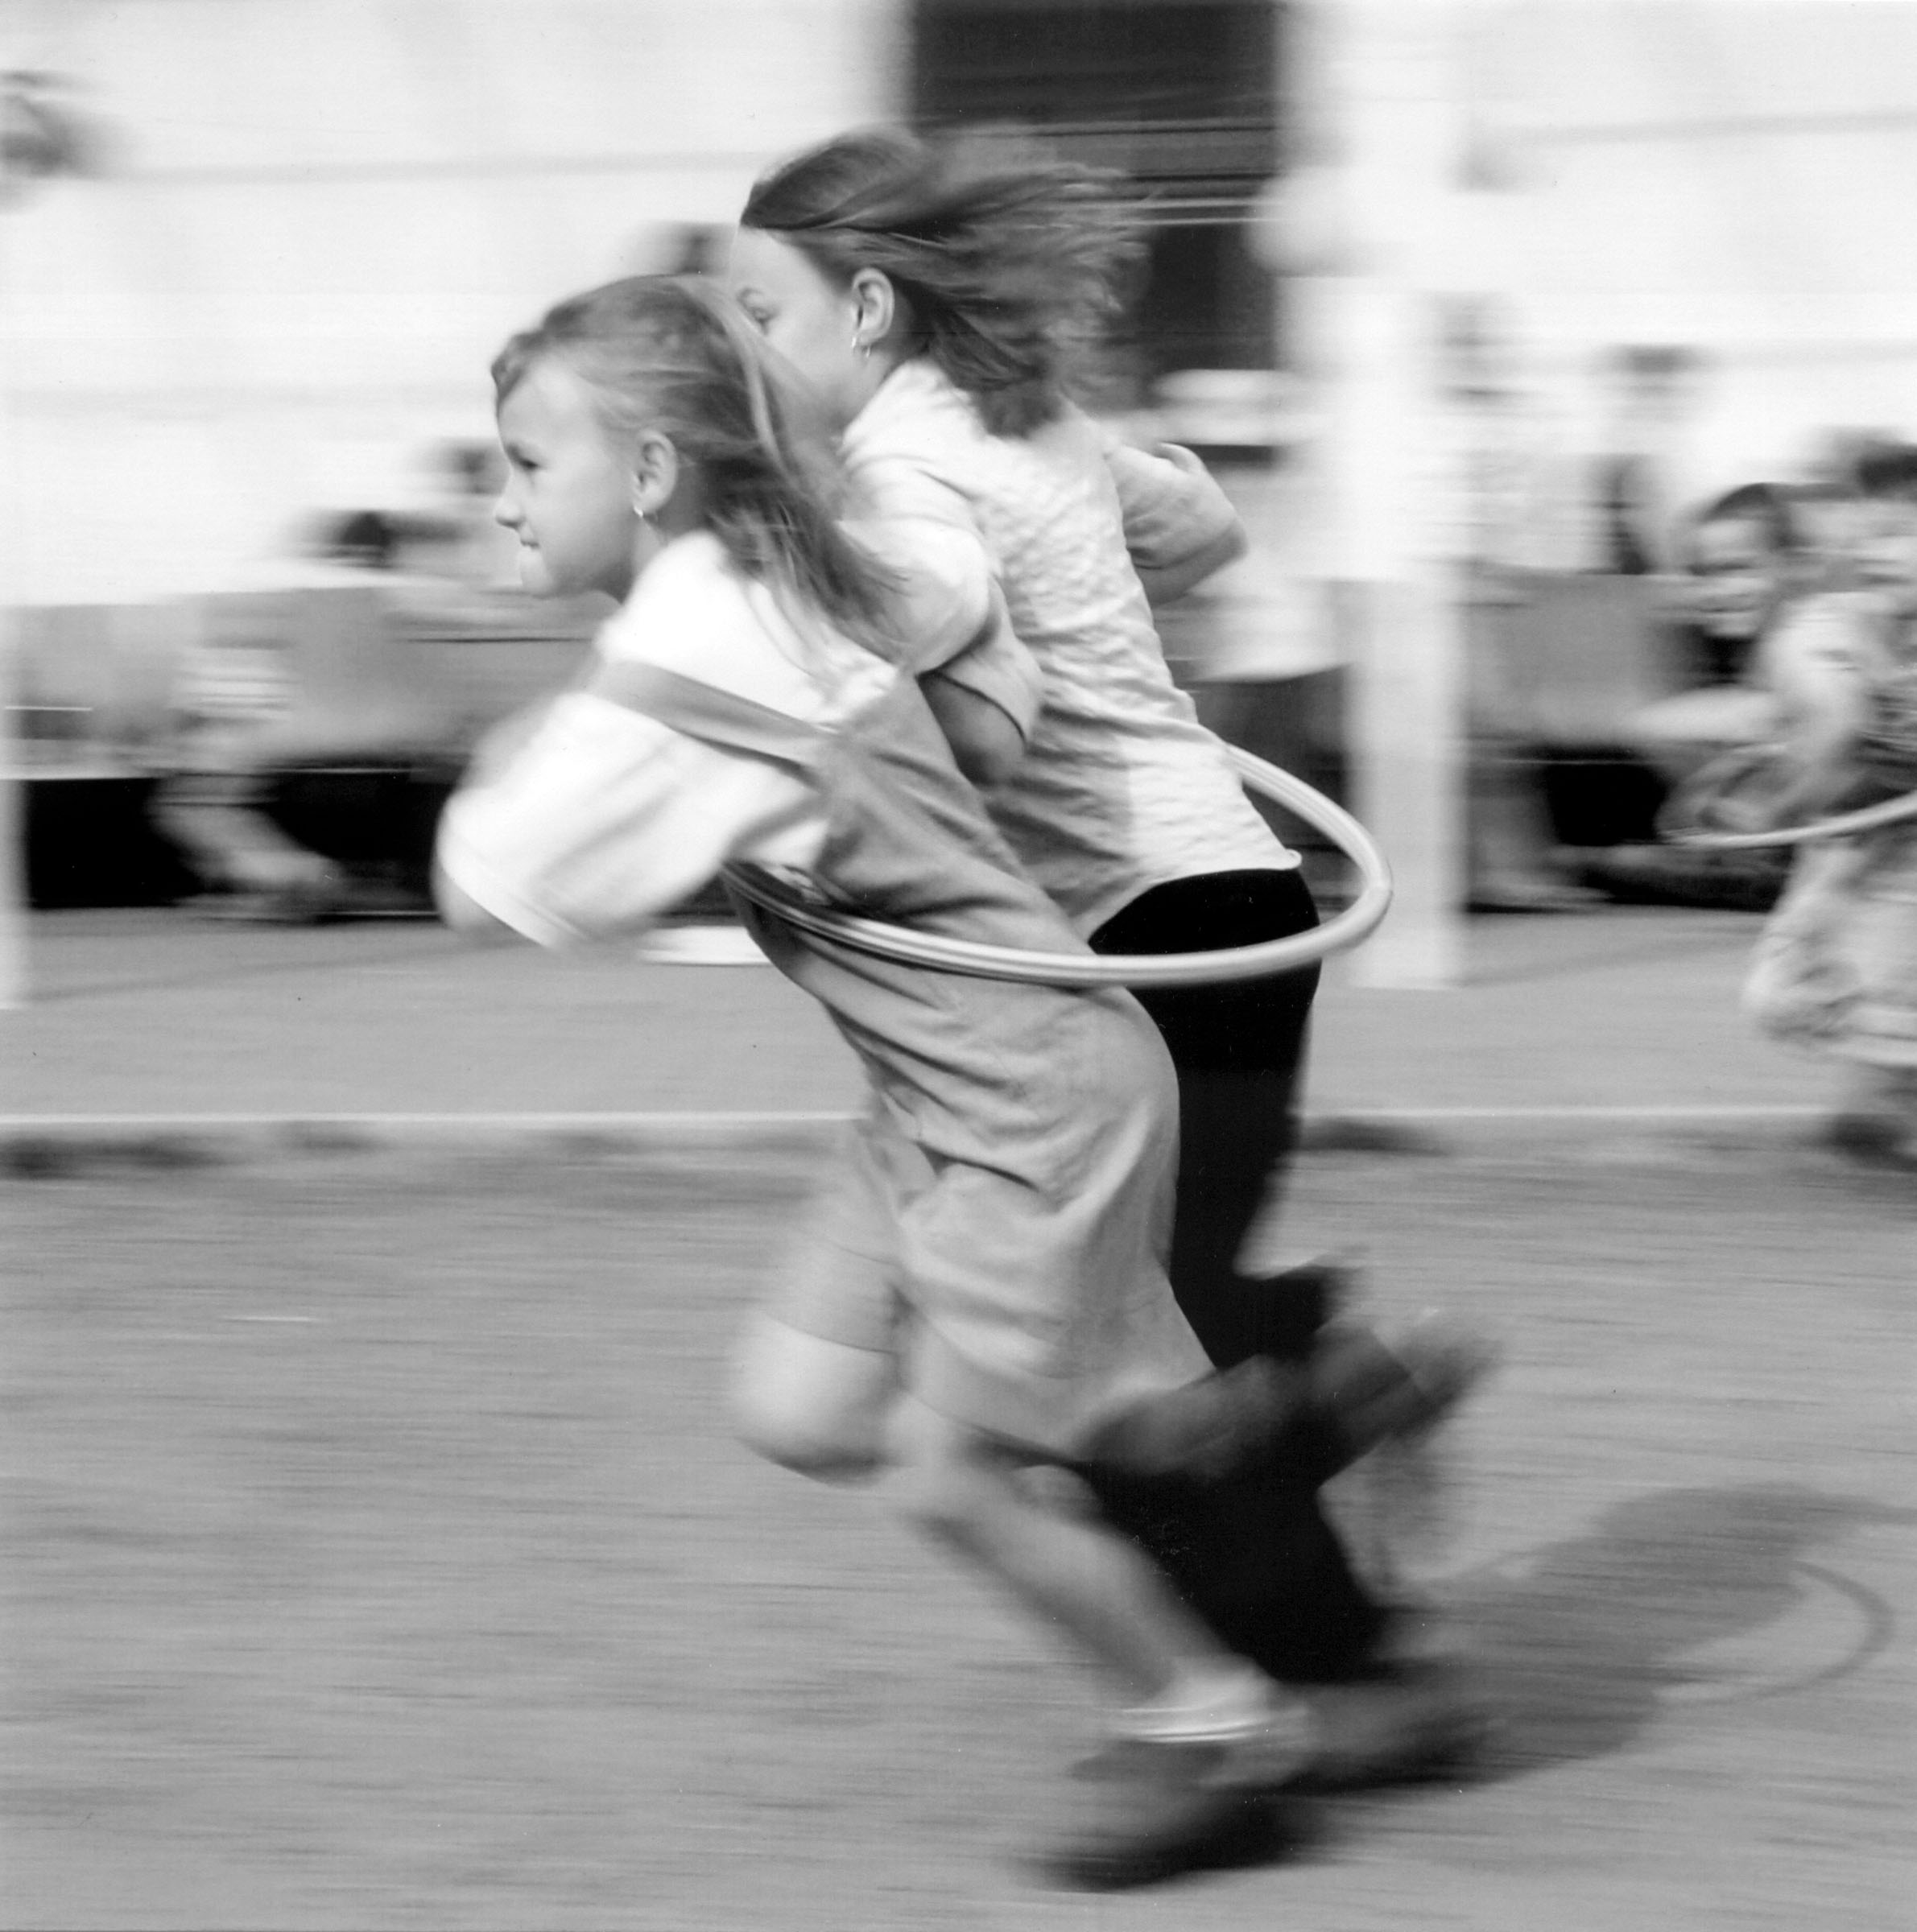 2004.09.18. Hétköznapok fotópályázat - Komka Péter - Versenyhelyzet.jpg